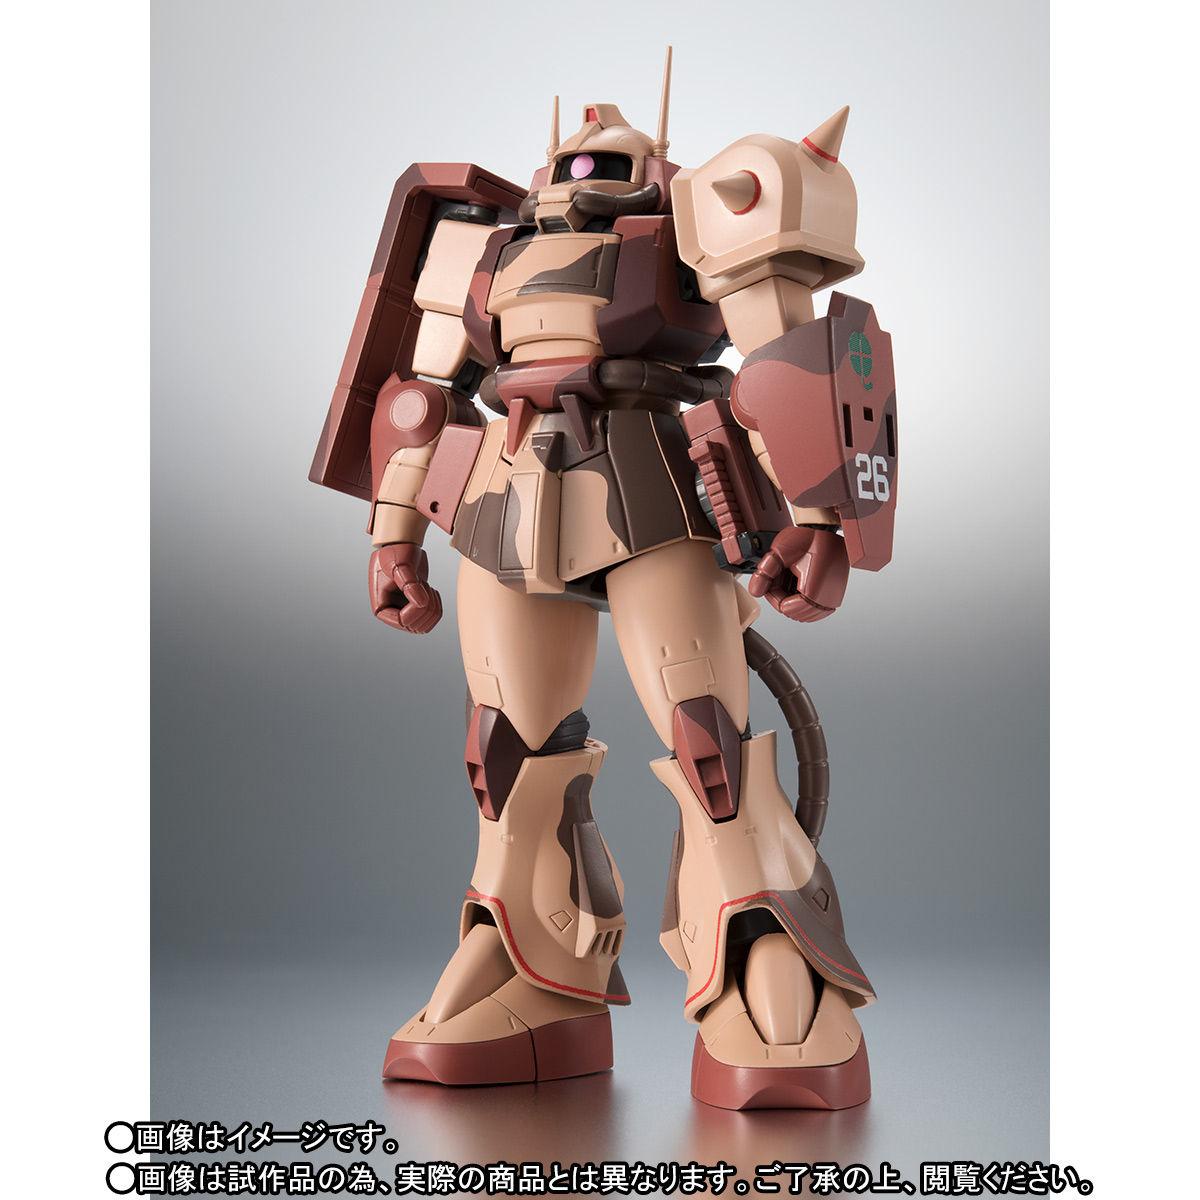 ROBOT魂〈SIDE MS〉『MS-06D ザク・デザートタイプ カラカル隊所属機』ガンダム モビルスーツバリエーション(MSV)可動フィギュア-003